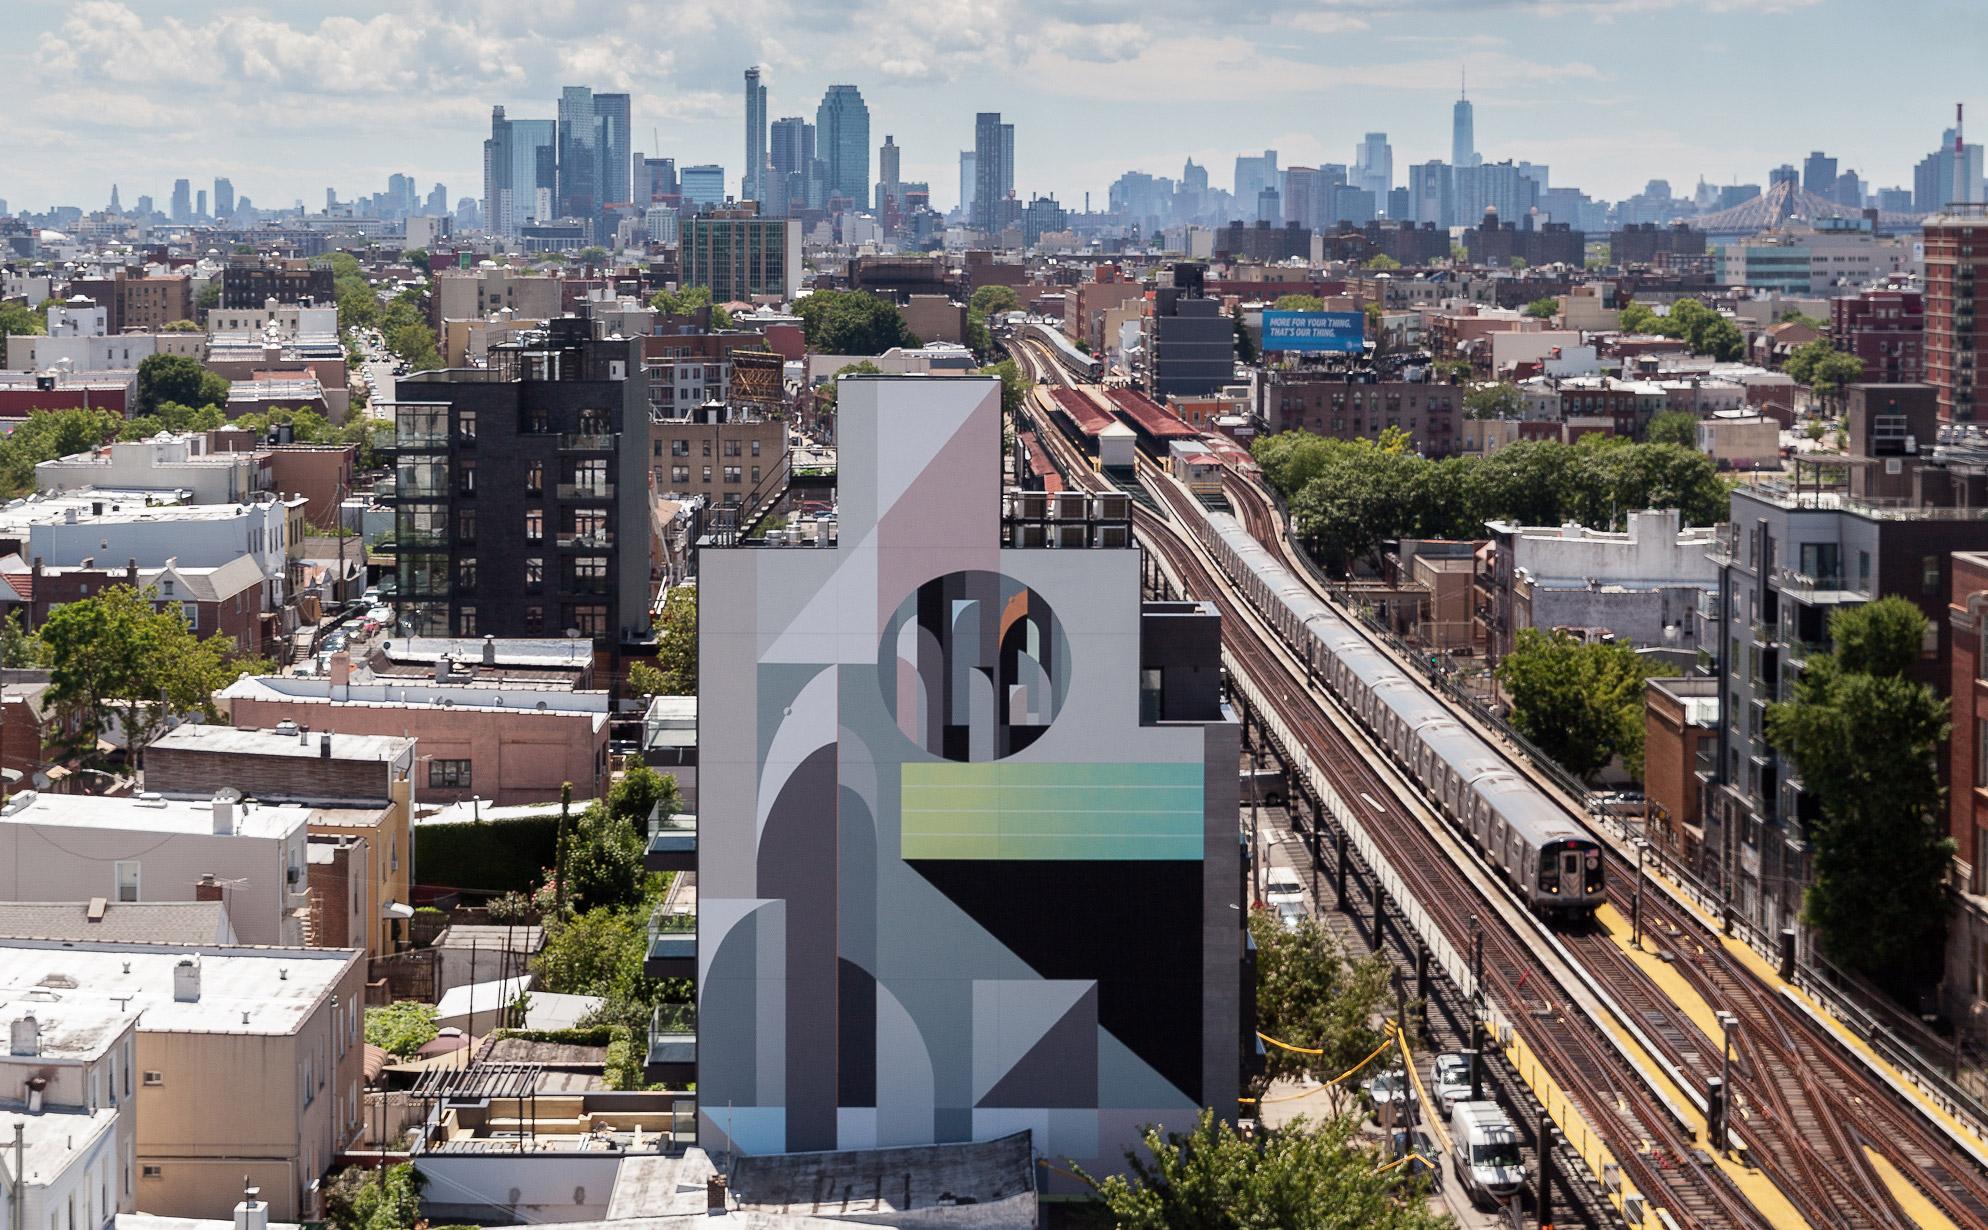 Tony Rubin-Sjoman: NYC - 2017